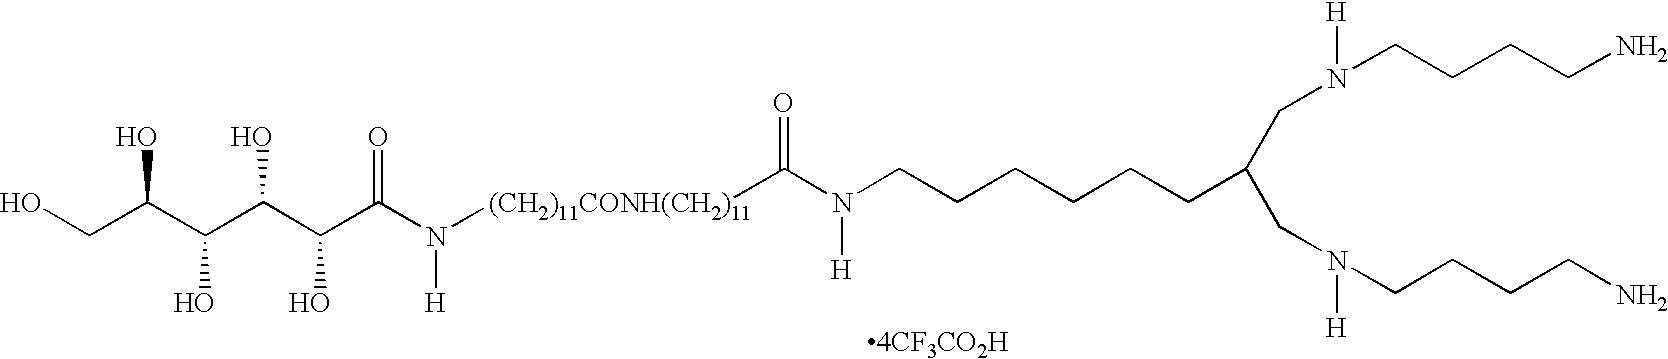 Figure US06583301-20030624-C00088